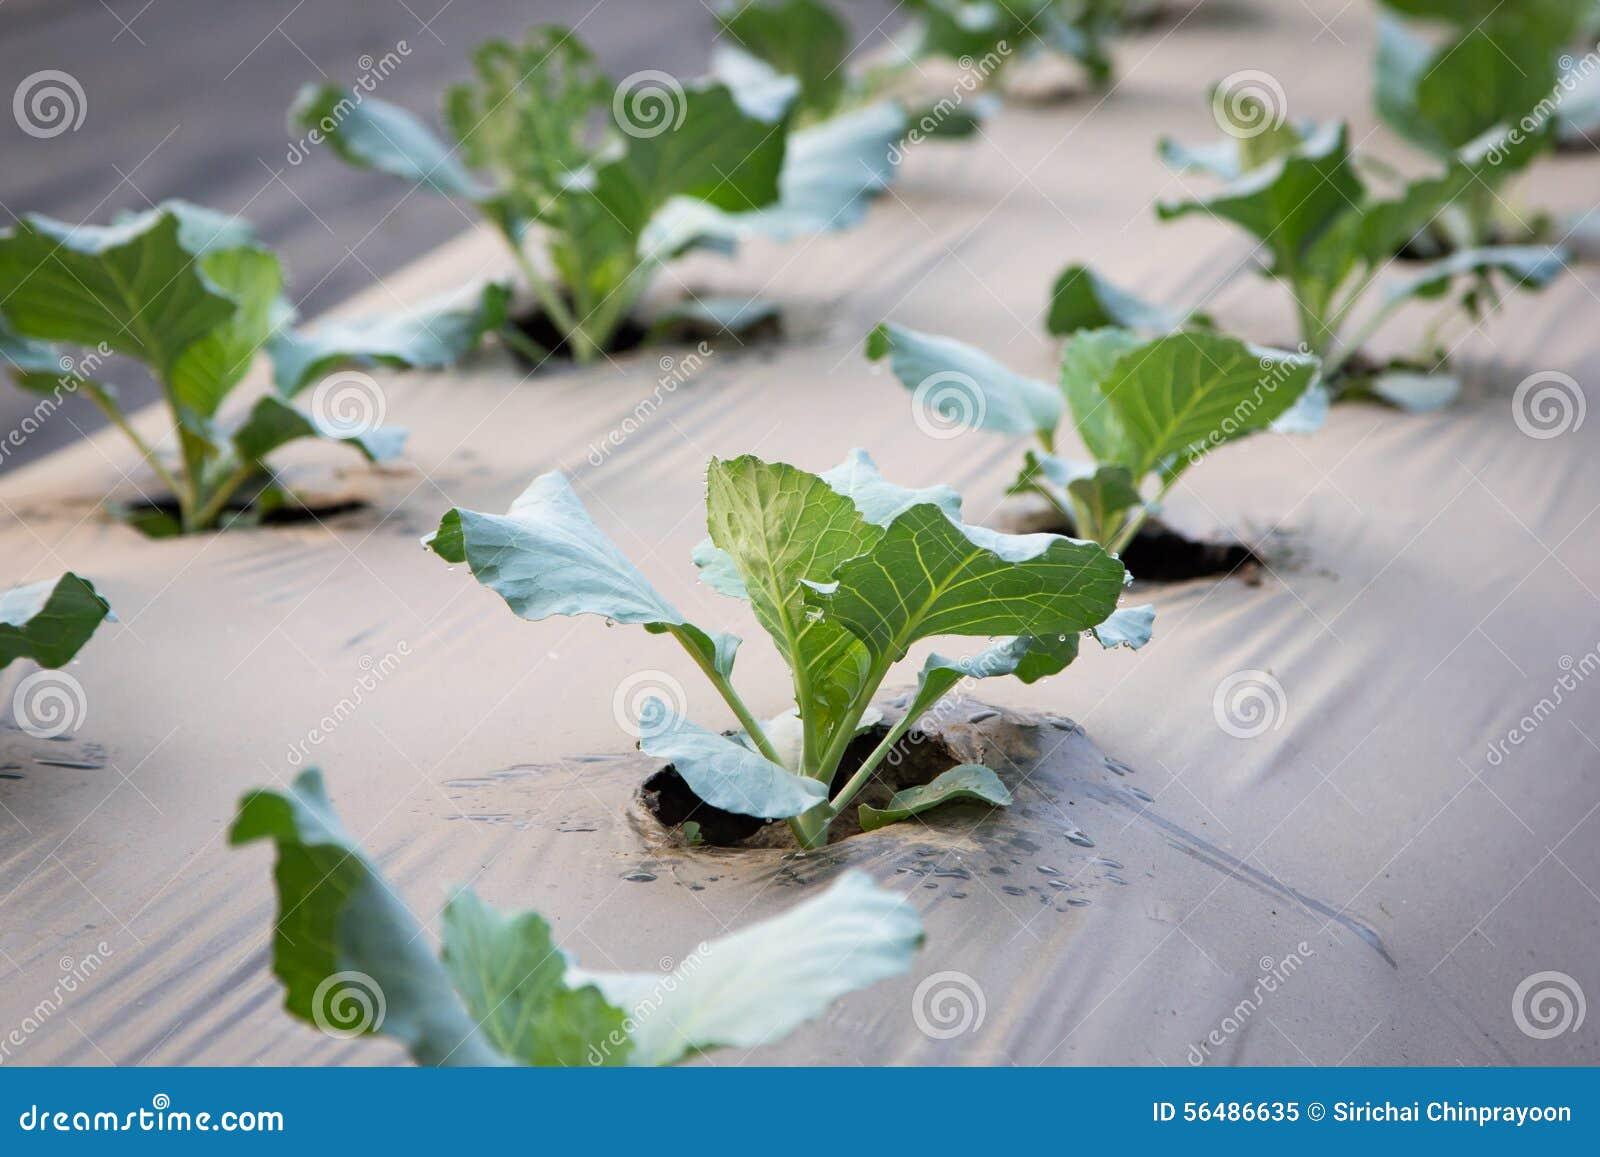 Jeune plante de chou dans le lit